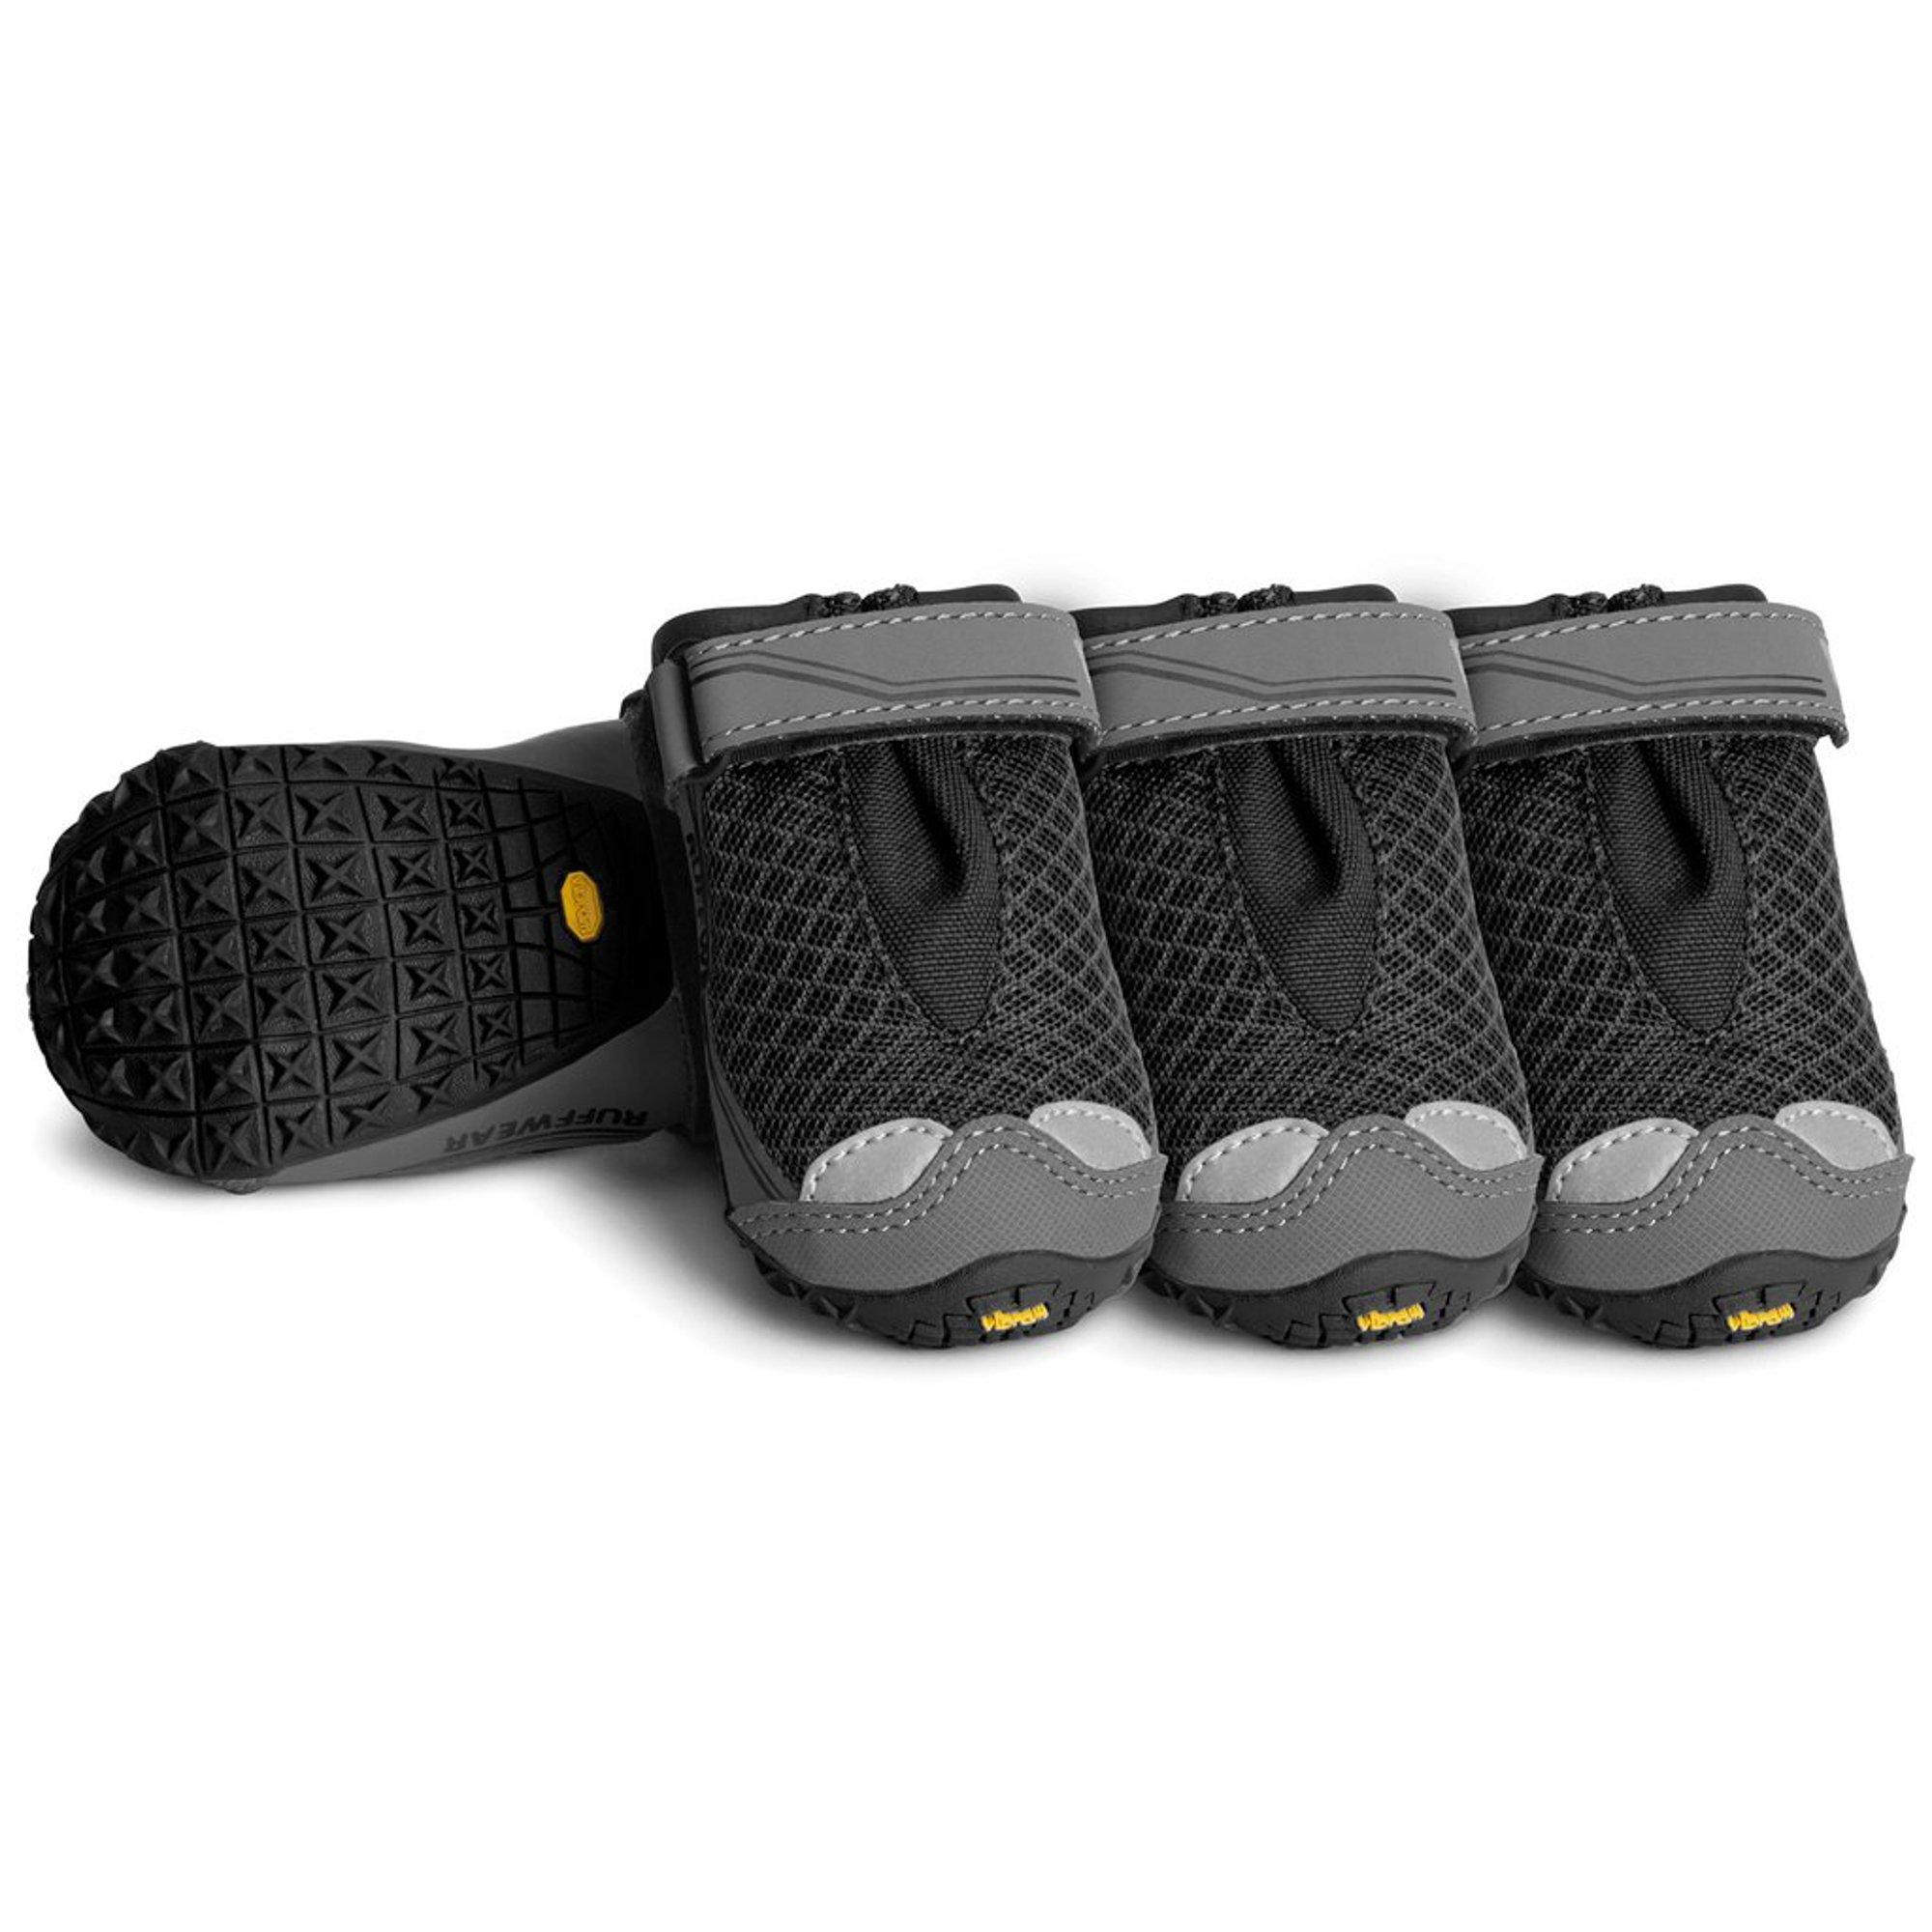 RUFFWEAR - Grip Trex, Obsidian Black, 2.0 in (4 Boots)